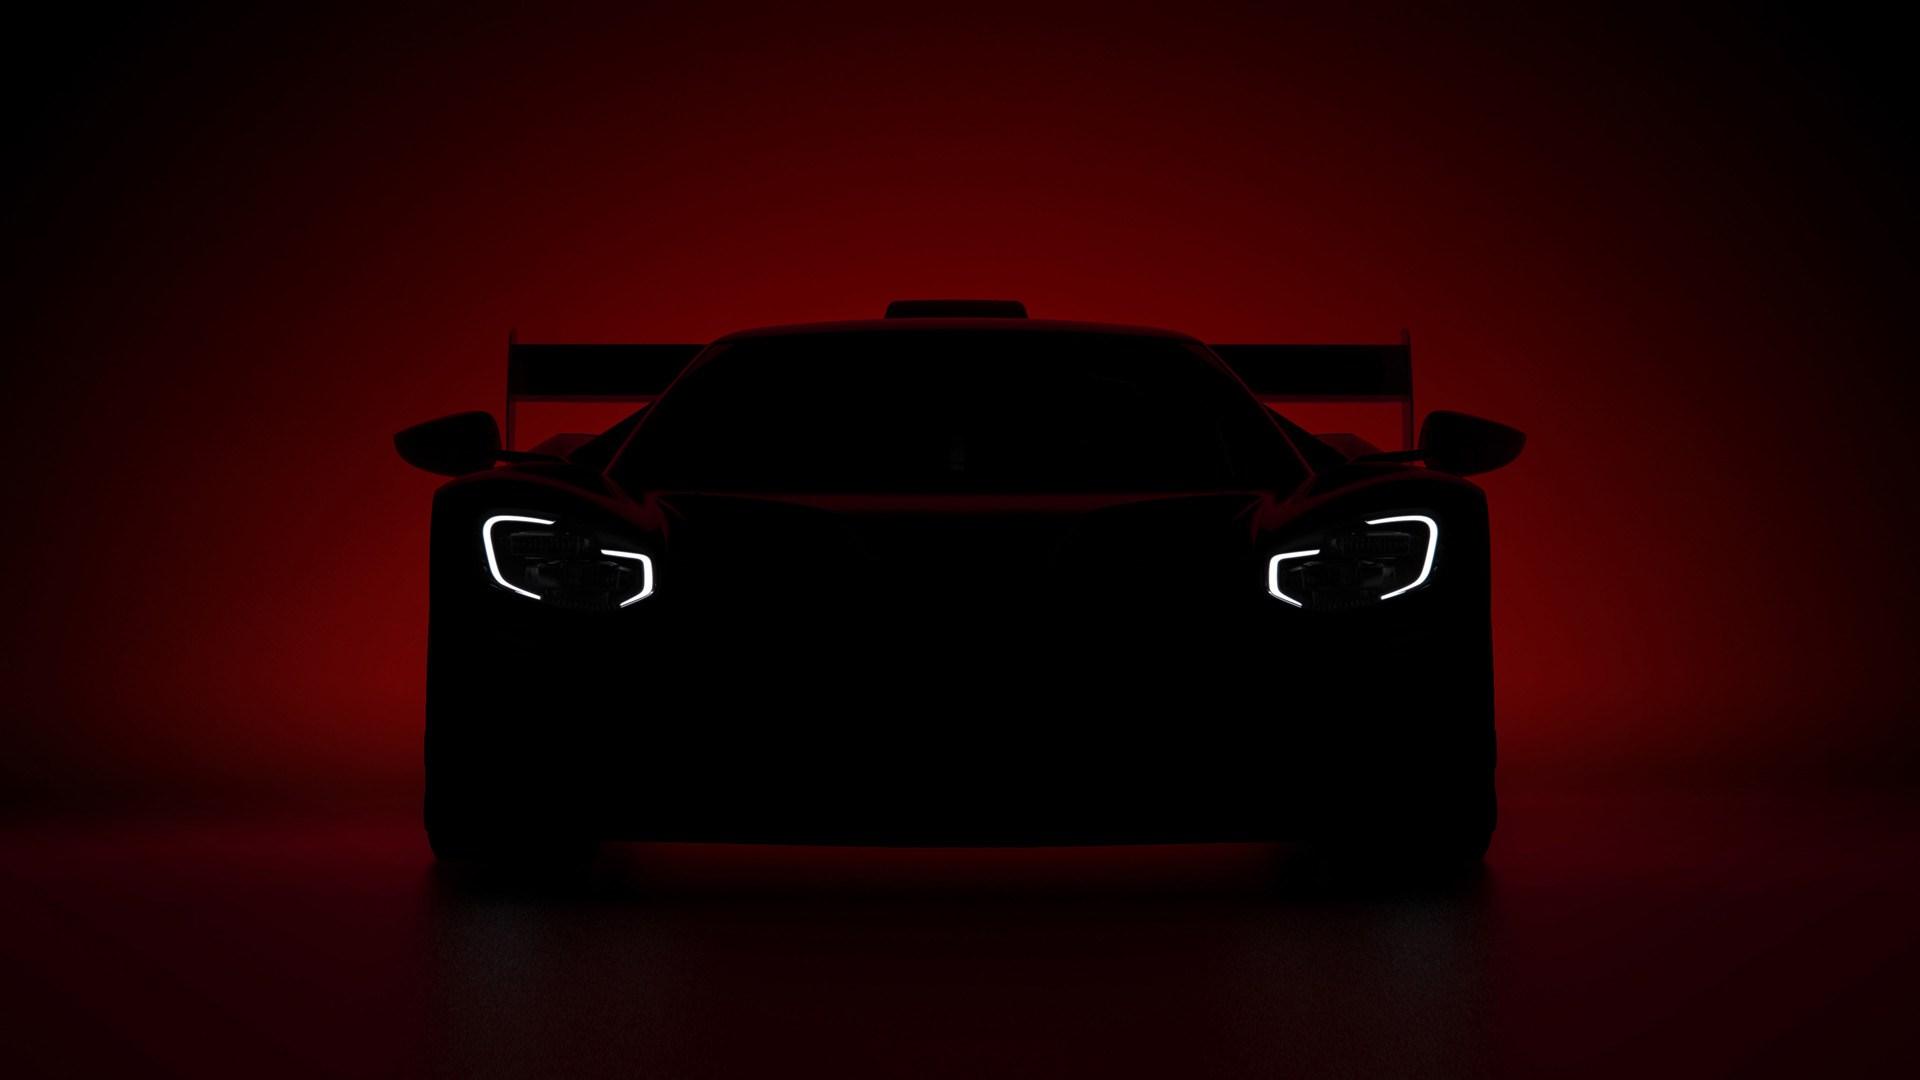 Η Ford ετοιμάζεται να κάνει σημαντικές ανακοινώσεις για το Ford GT στο Goodwood